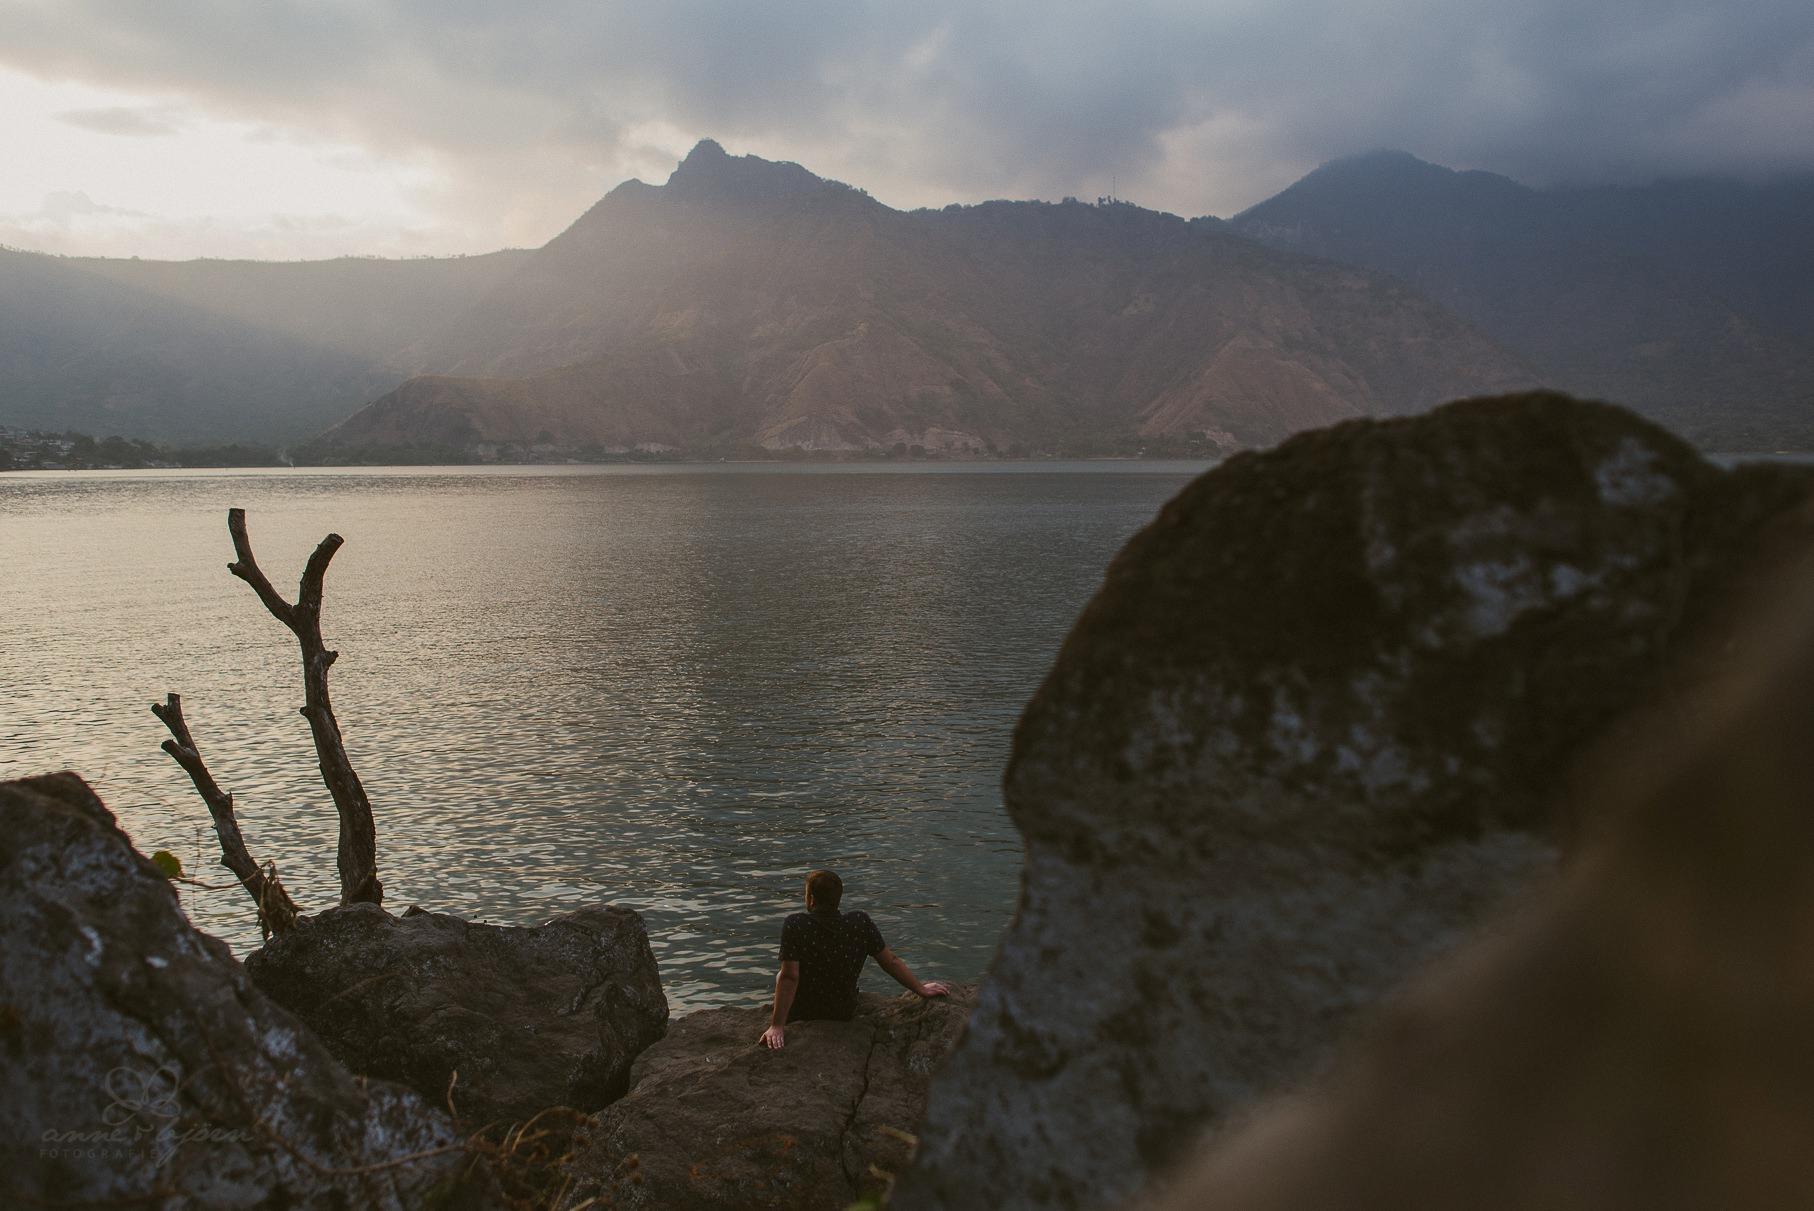 0154 anne und bjoern guatemala d75 3087 - 4 Wochen durch Guatemala - backpacking durch Mittelamerika